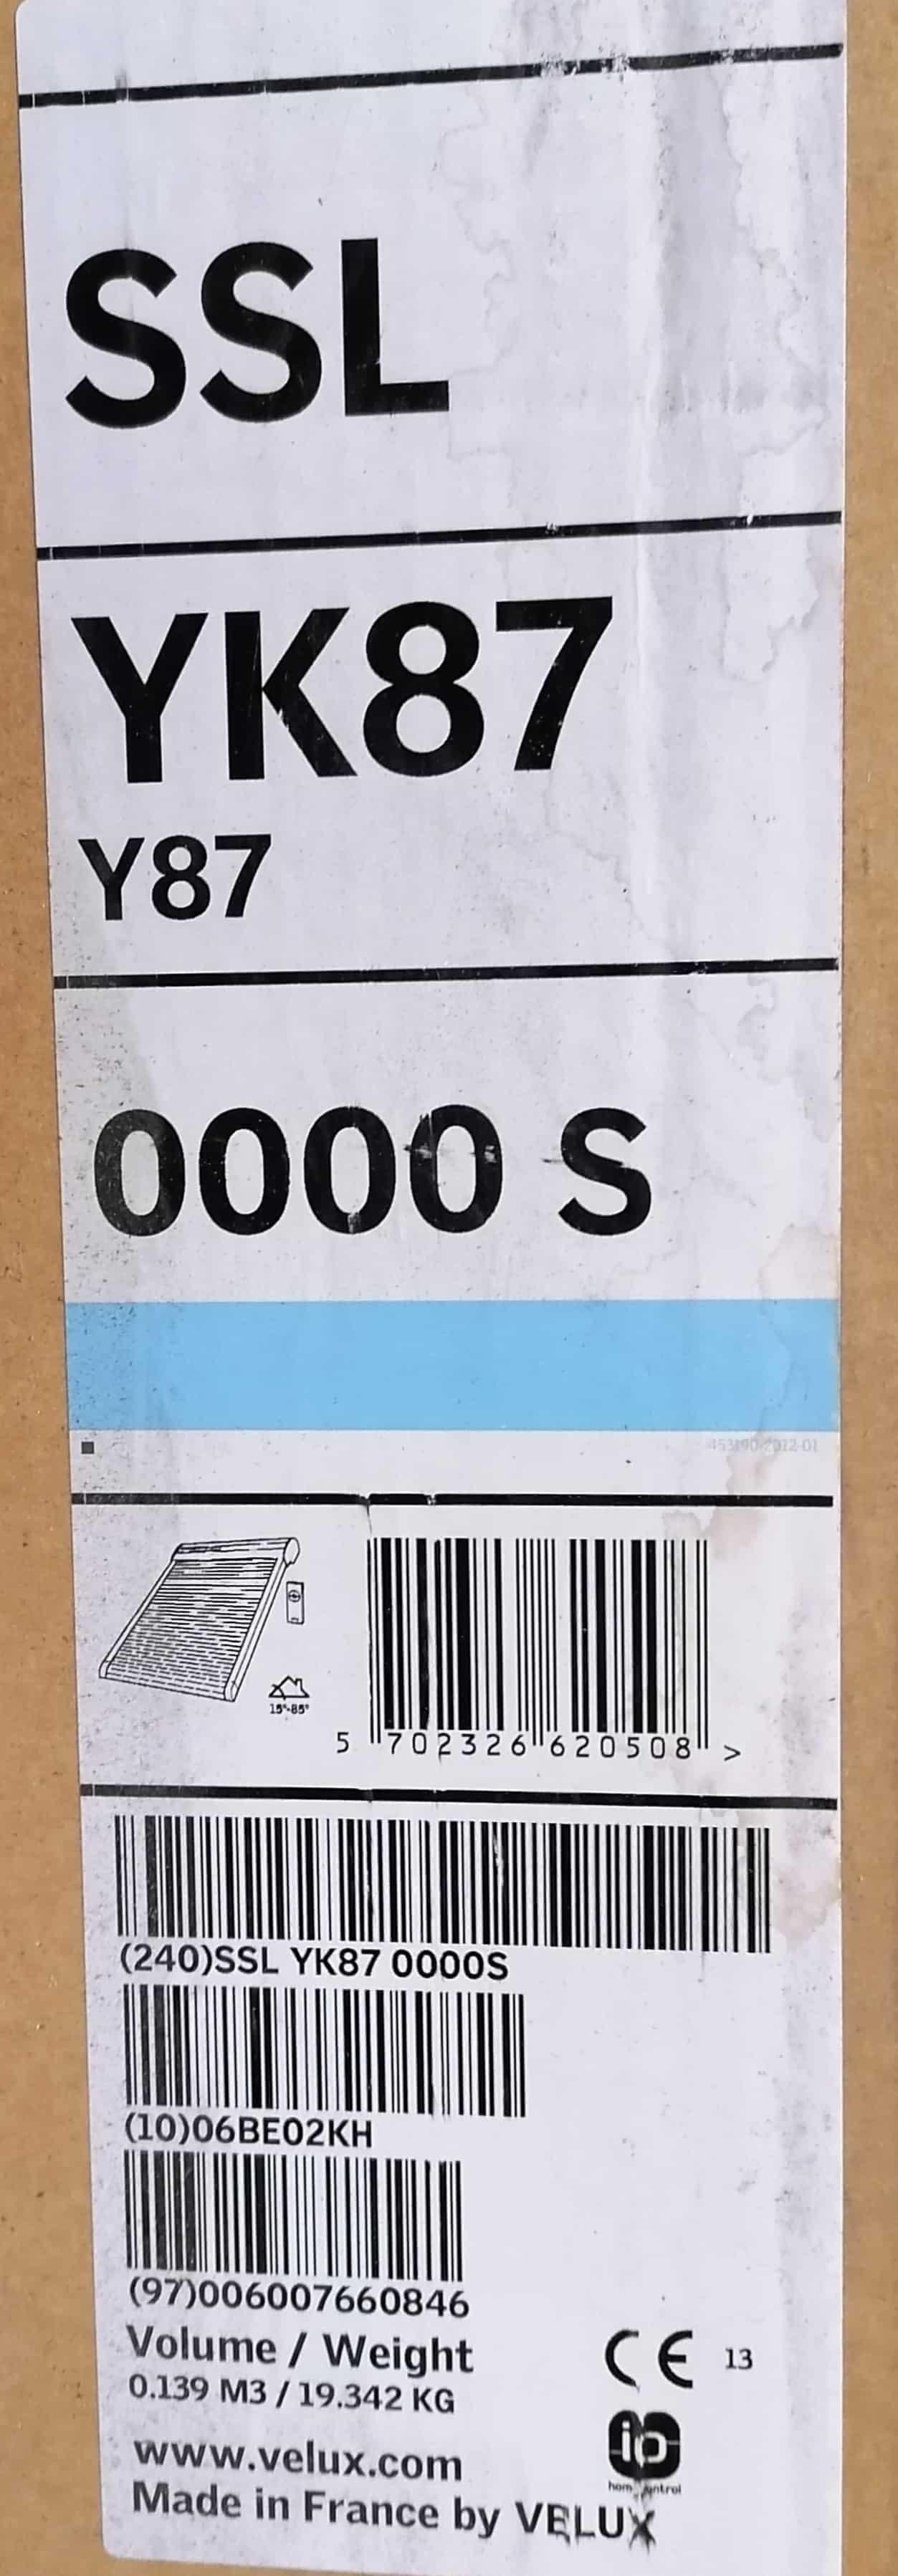 Velux SSL YK87 0000S Rollladen Solar, dunkelgrau, Alu 113 x 144cm